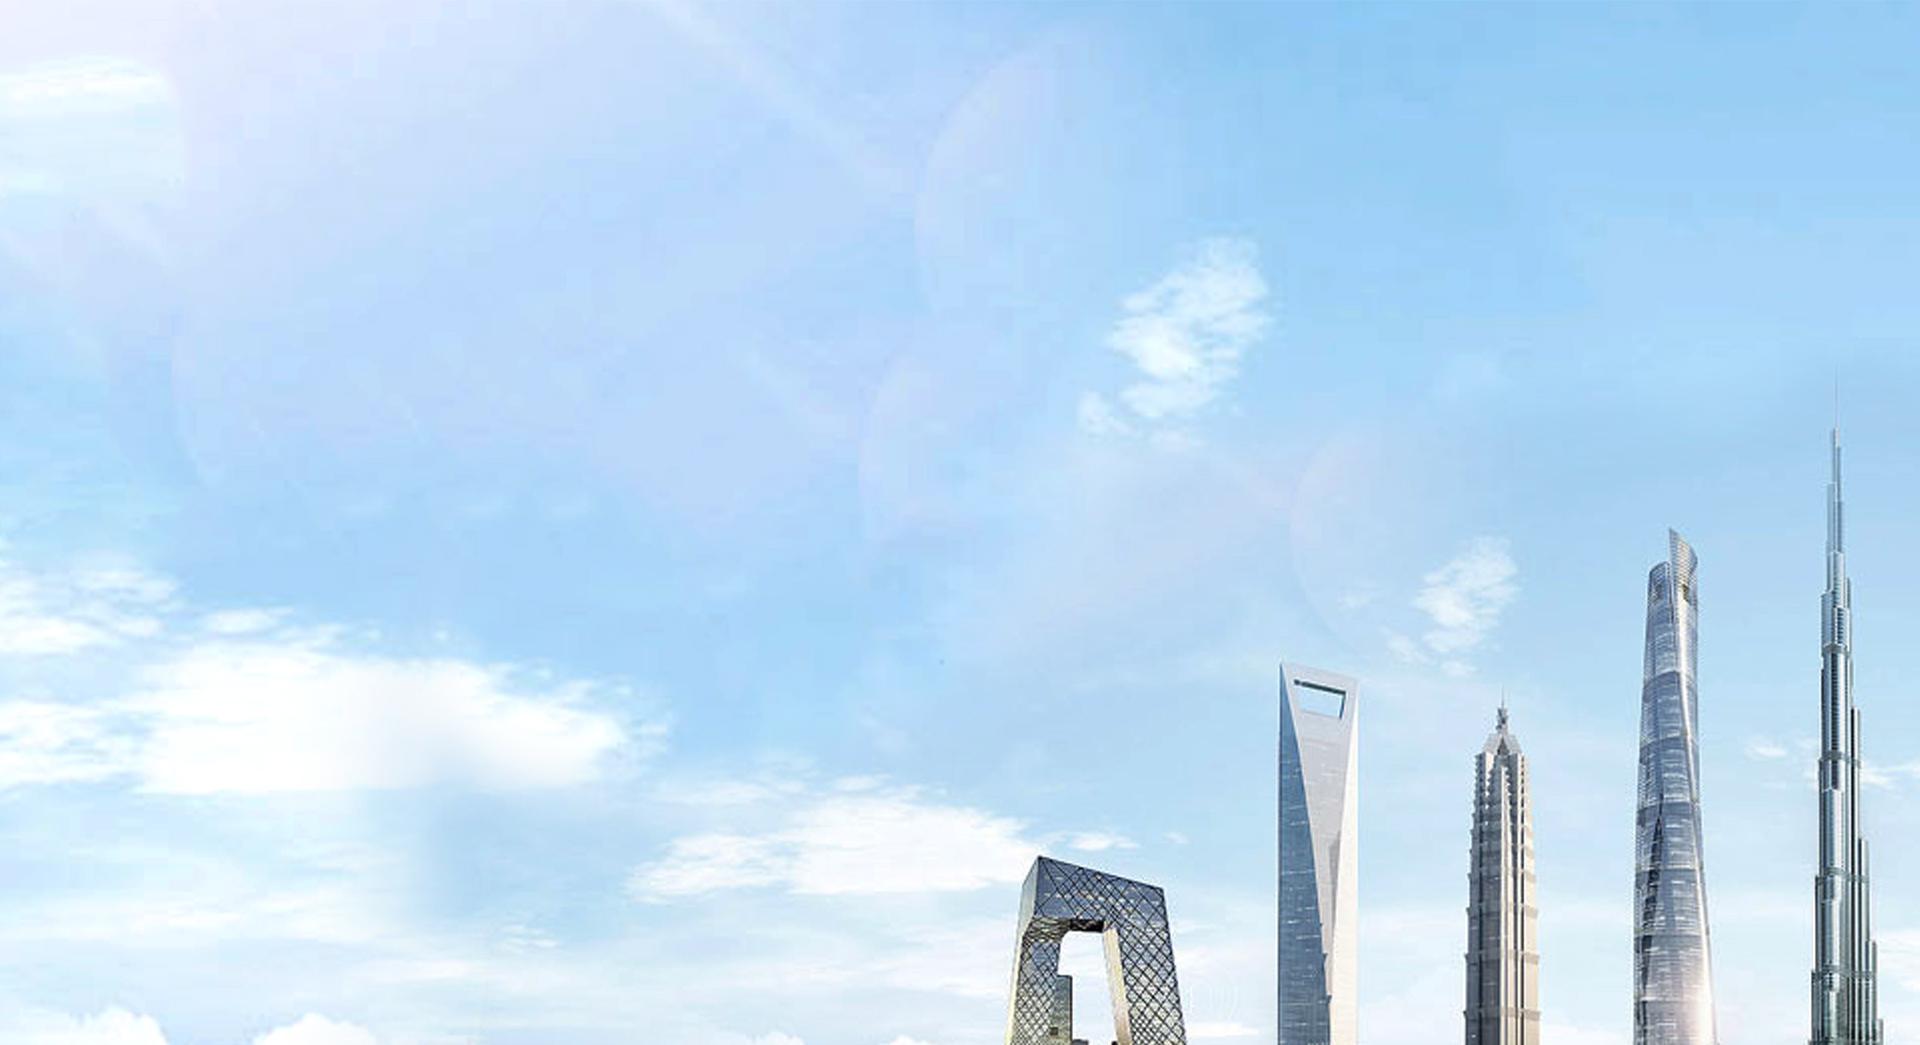 廣西東南建設工程有限公司